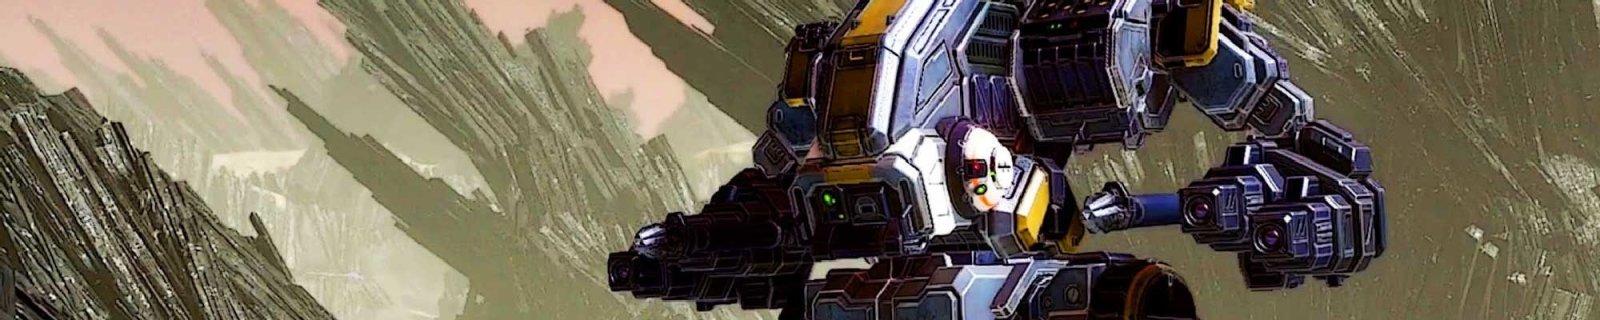 老将归来:《机甲战士5》确定开发